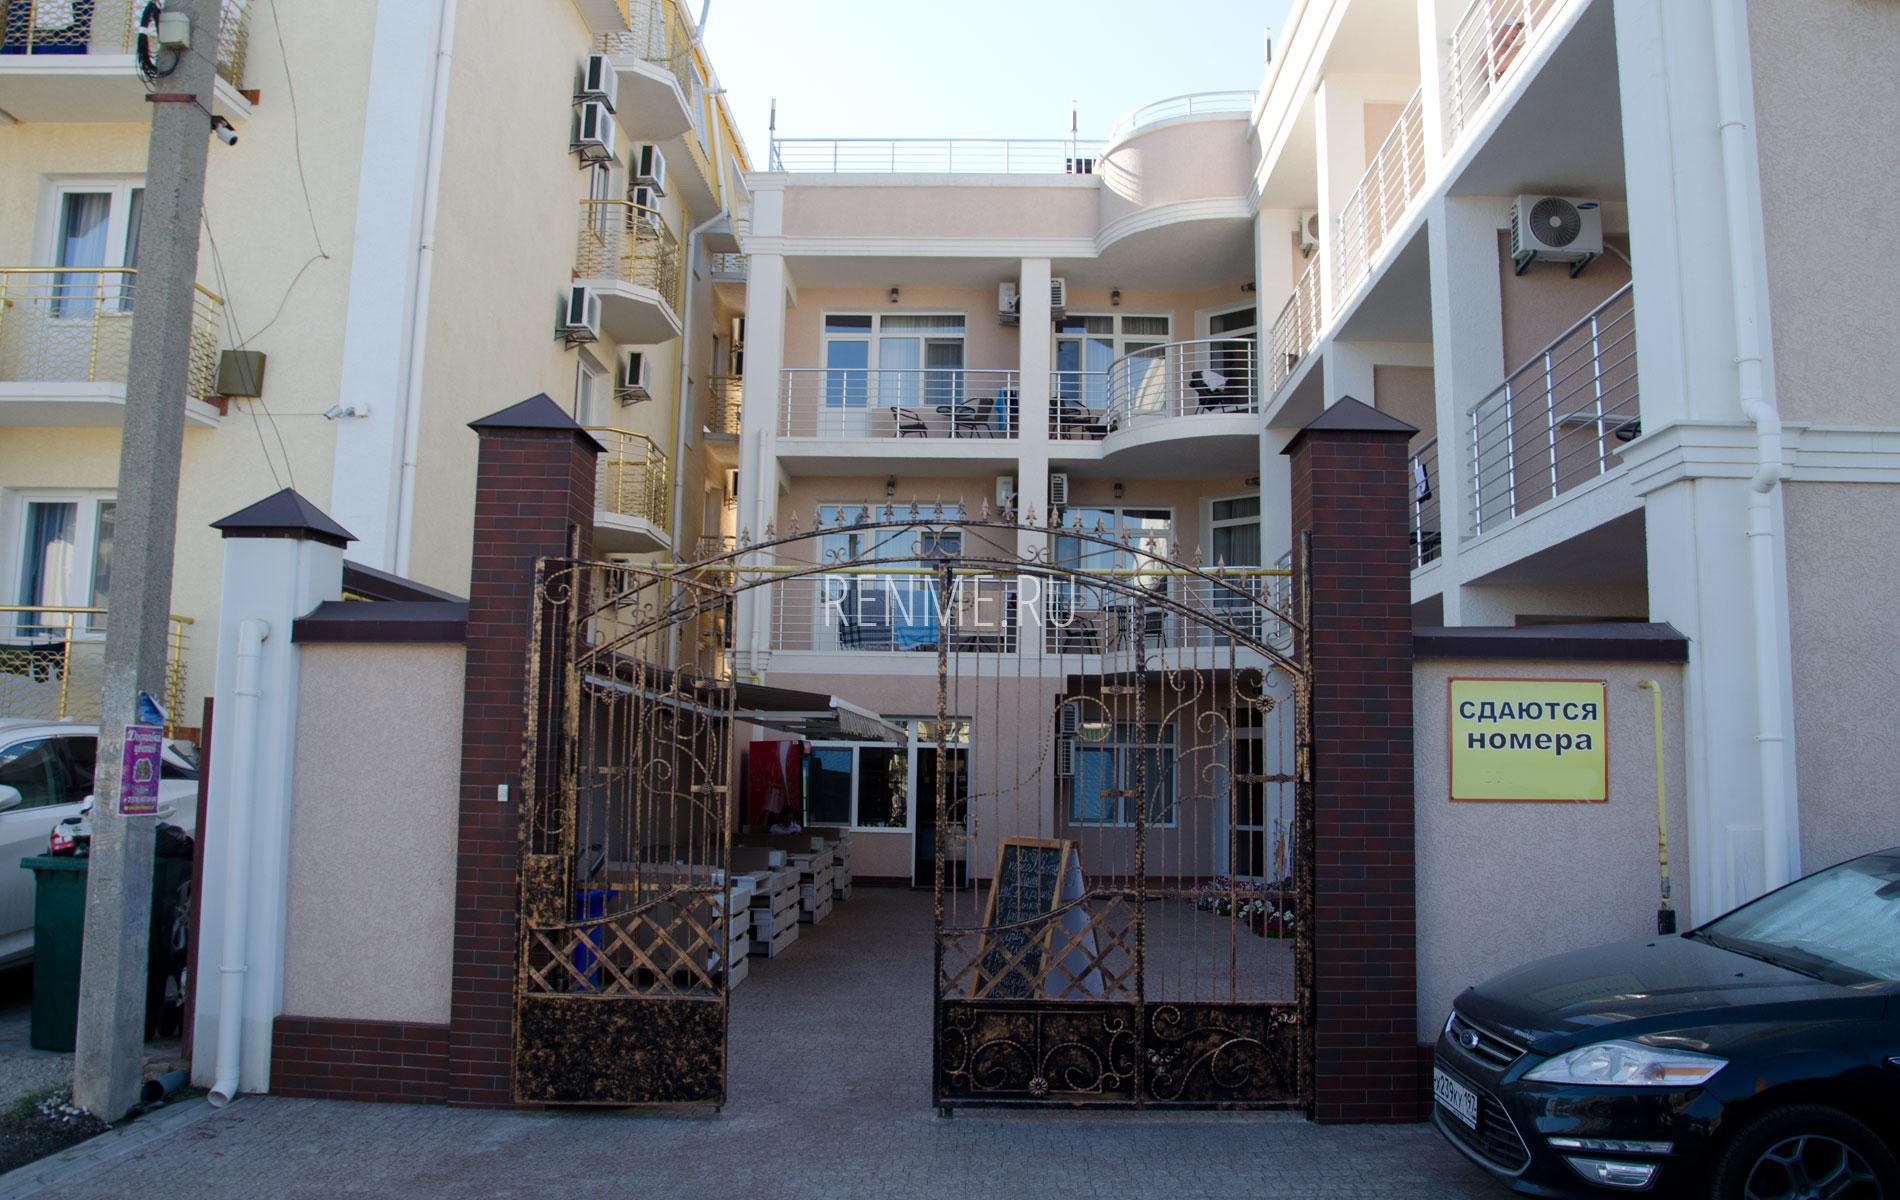 Крымский отель в Прибрежном. Фото Прибрежного